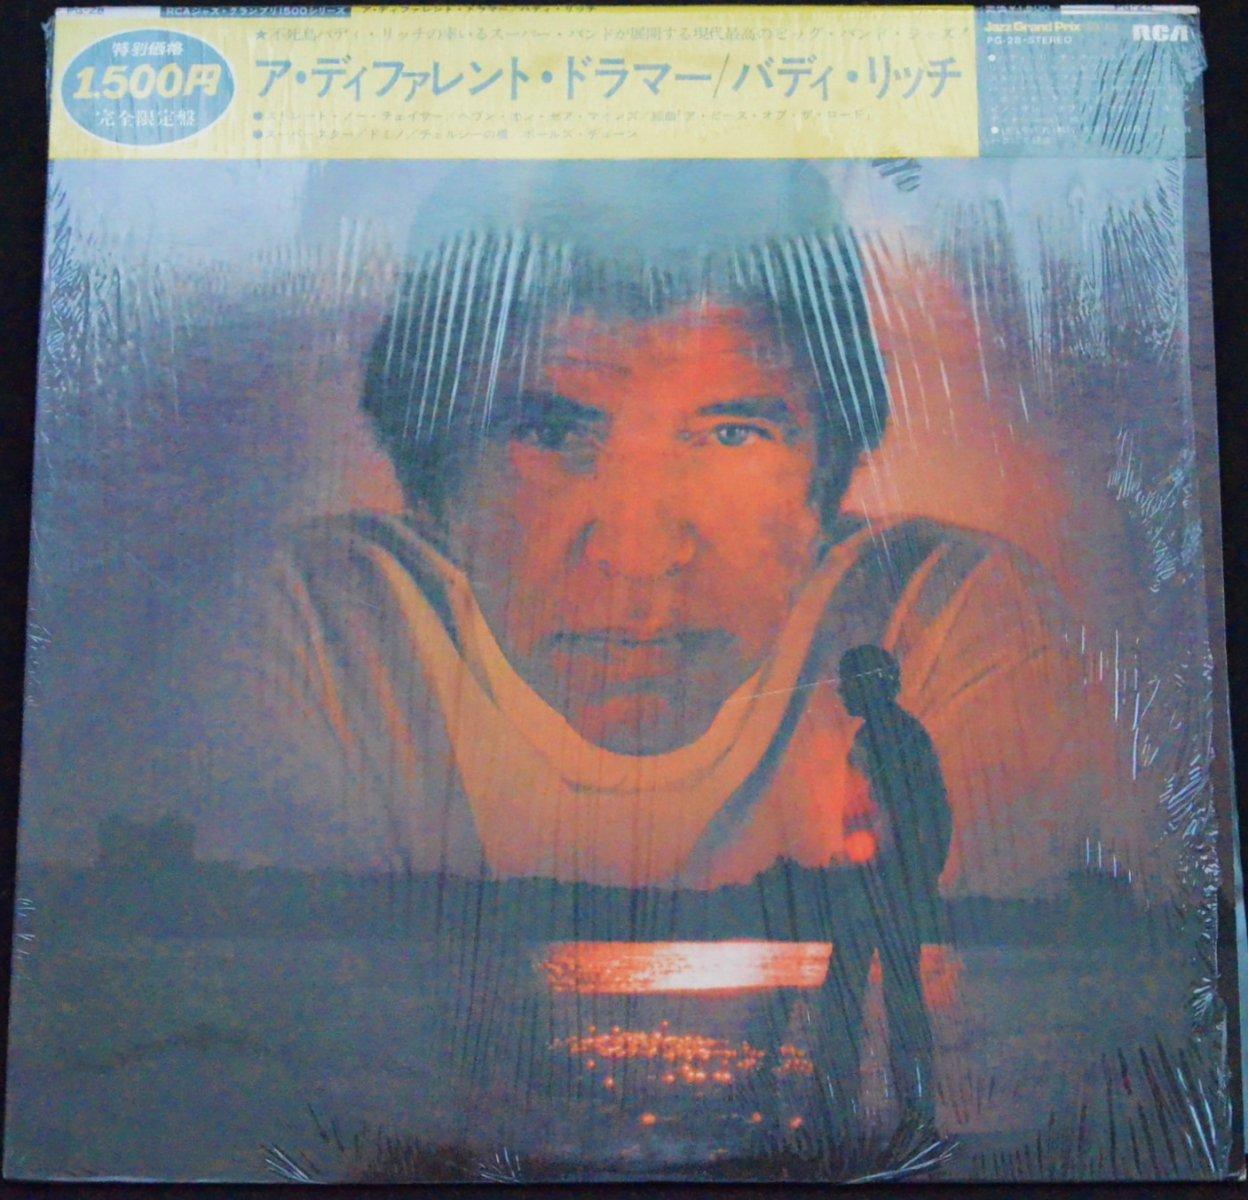 バディ・リッチ BUDDY RICH / ア・ディファレント・ドラマー A DIFFERENT DRUMMER (LP)